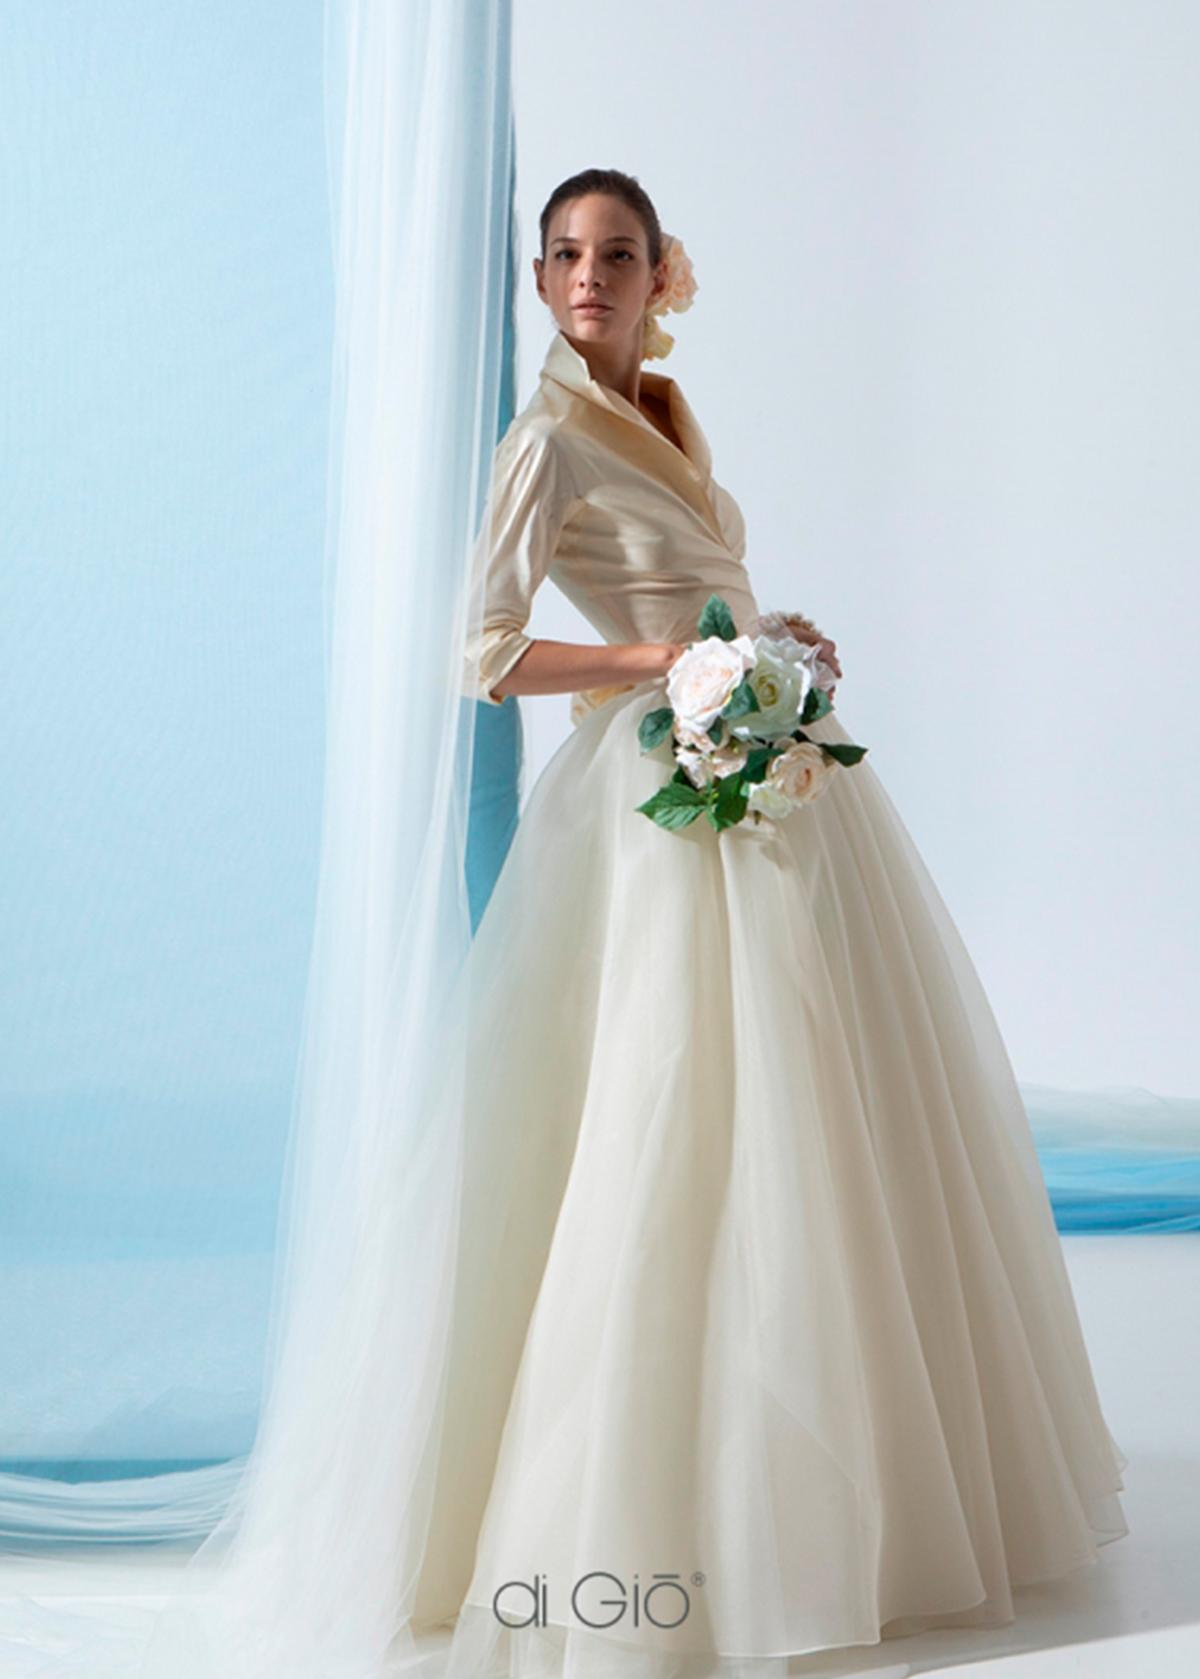 Модель 2012 от Le Spose Di Gio